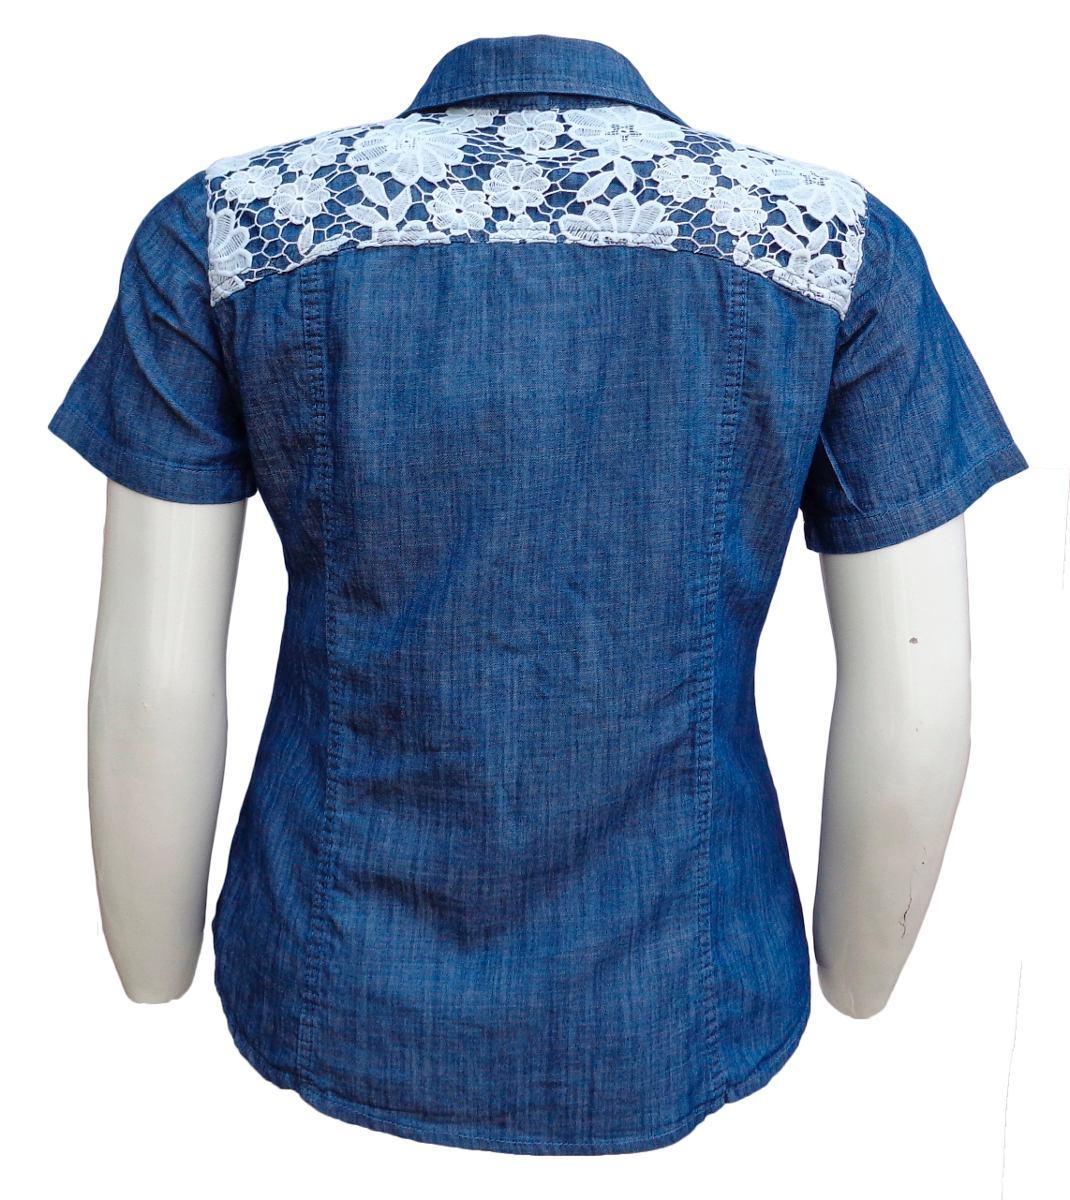 camisa jeans feminina c  detalhe de guipir- tamanhos p ao g3. Carregando  zoom. 2a428362d1c0d